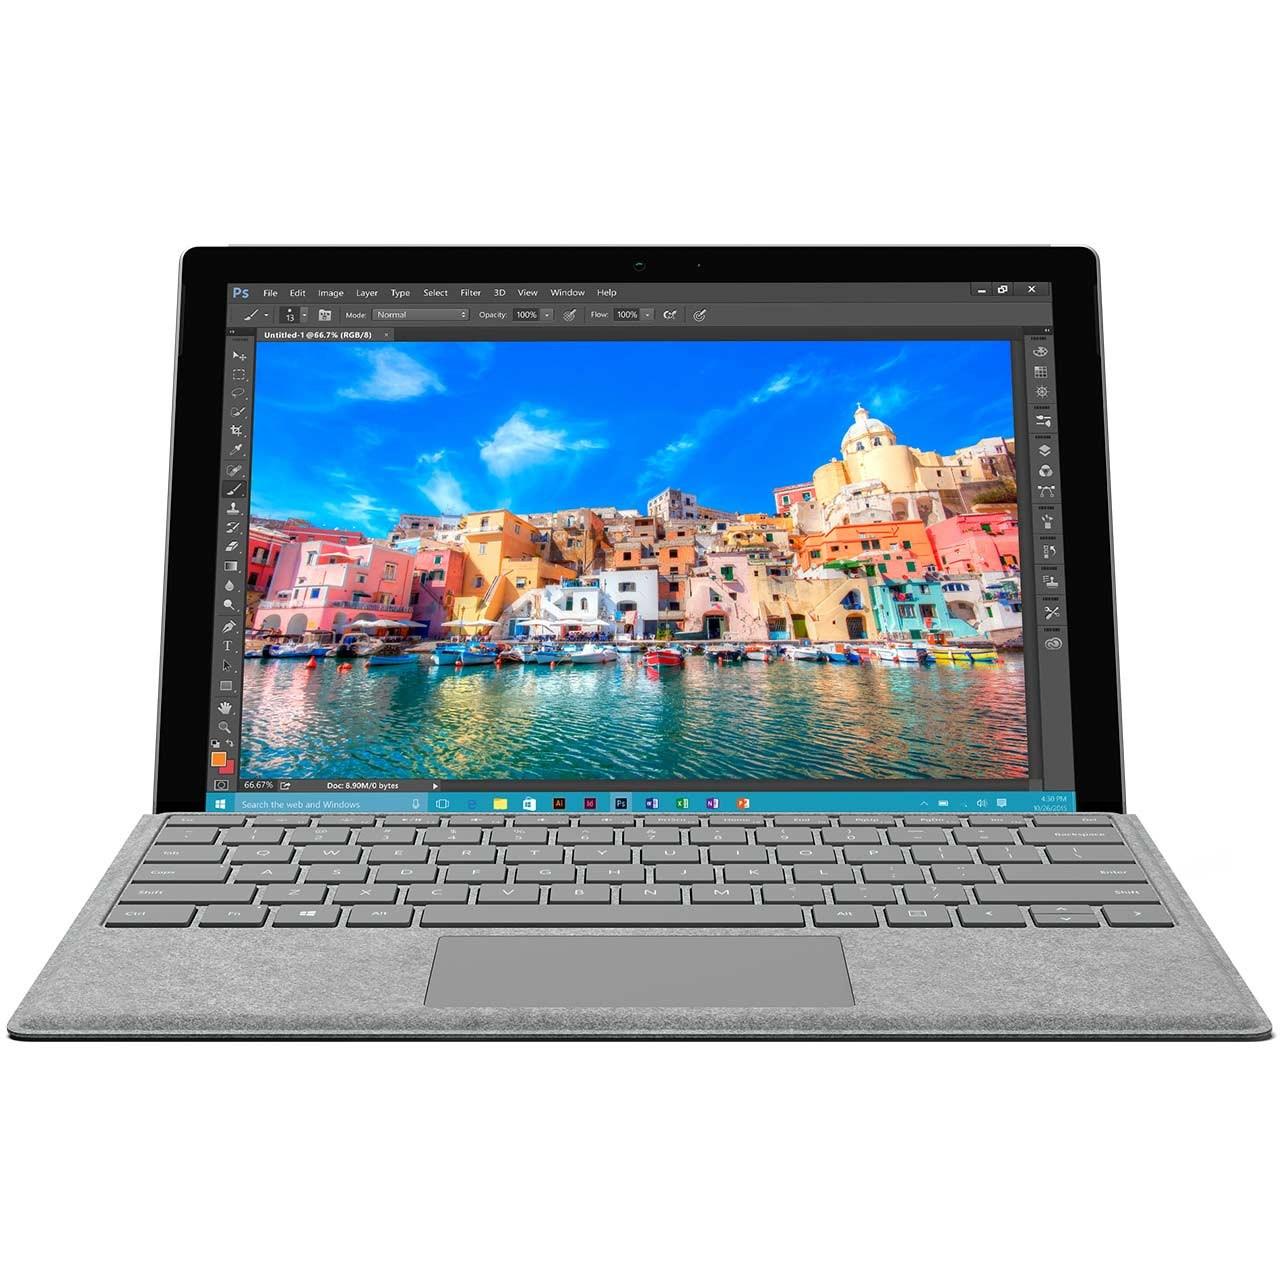 تبلت مایکروسافت مدل Surface Pro 4 - D به همراه کیبورد Signature Type Cover